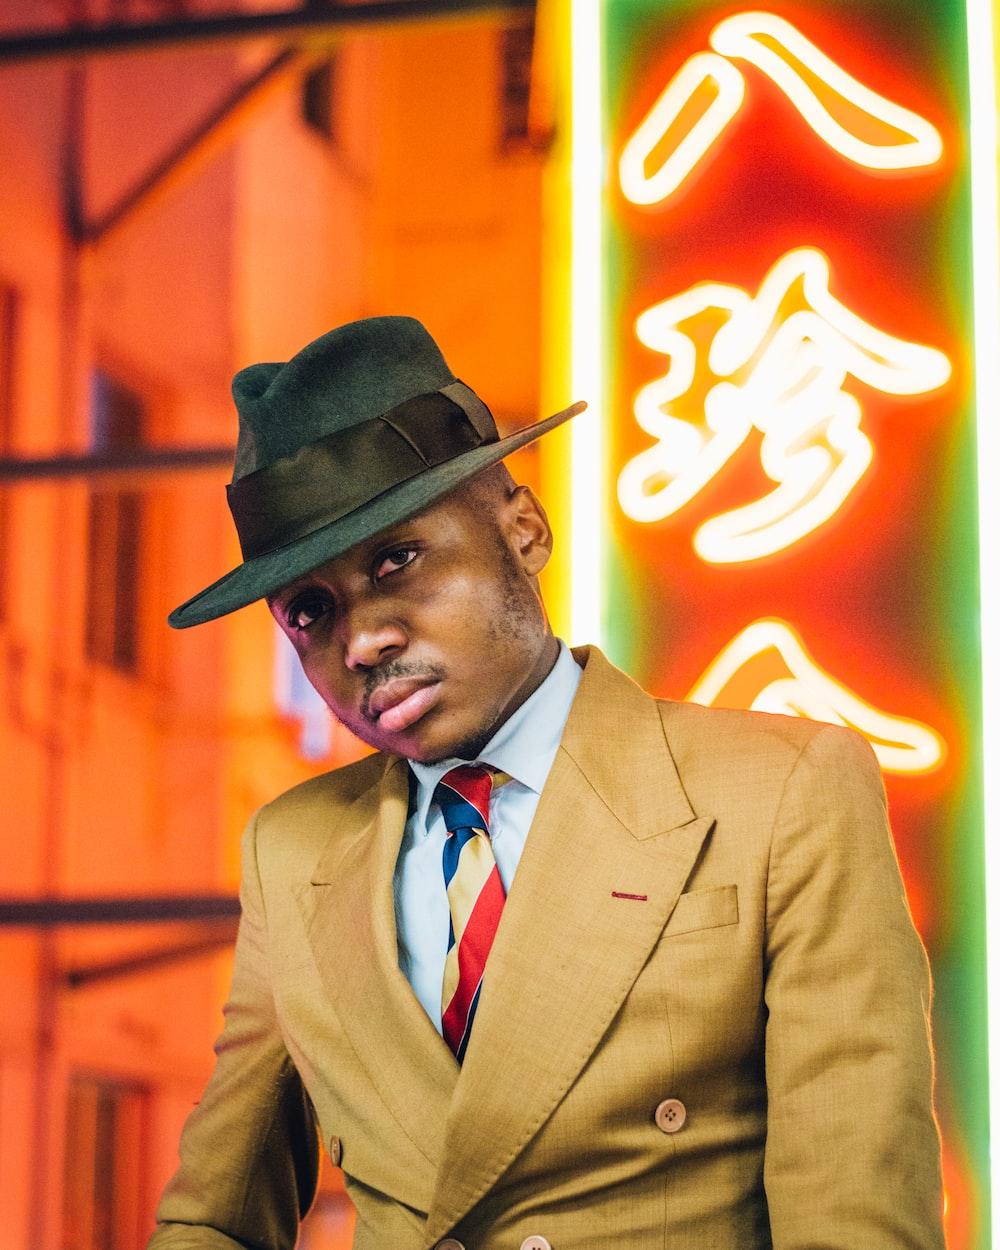 man in brown suit wearing black hat